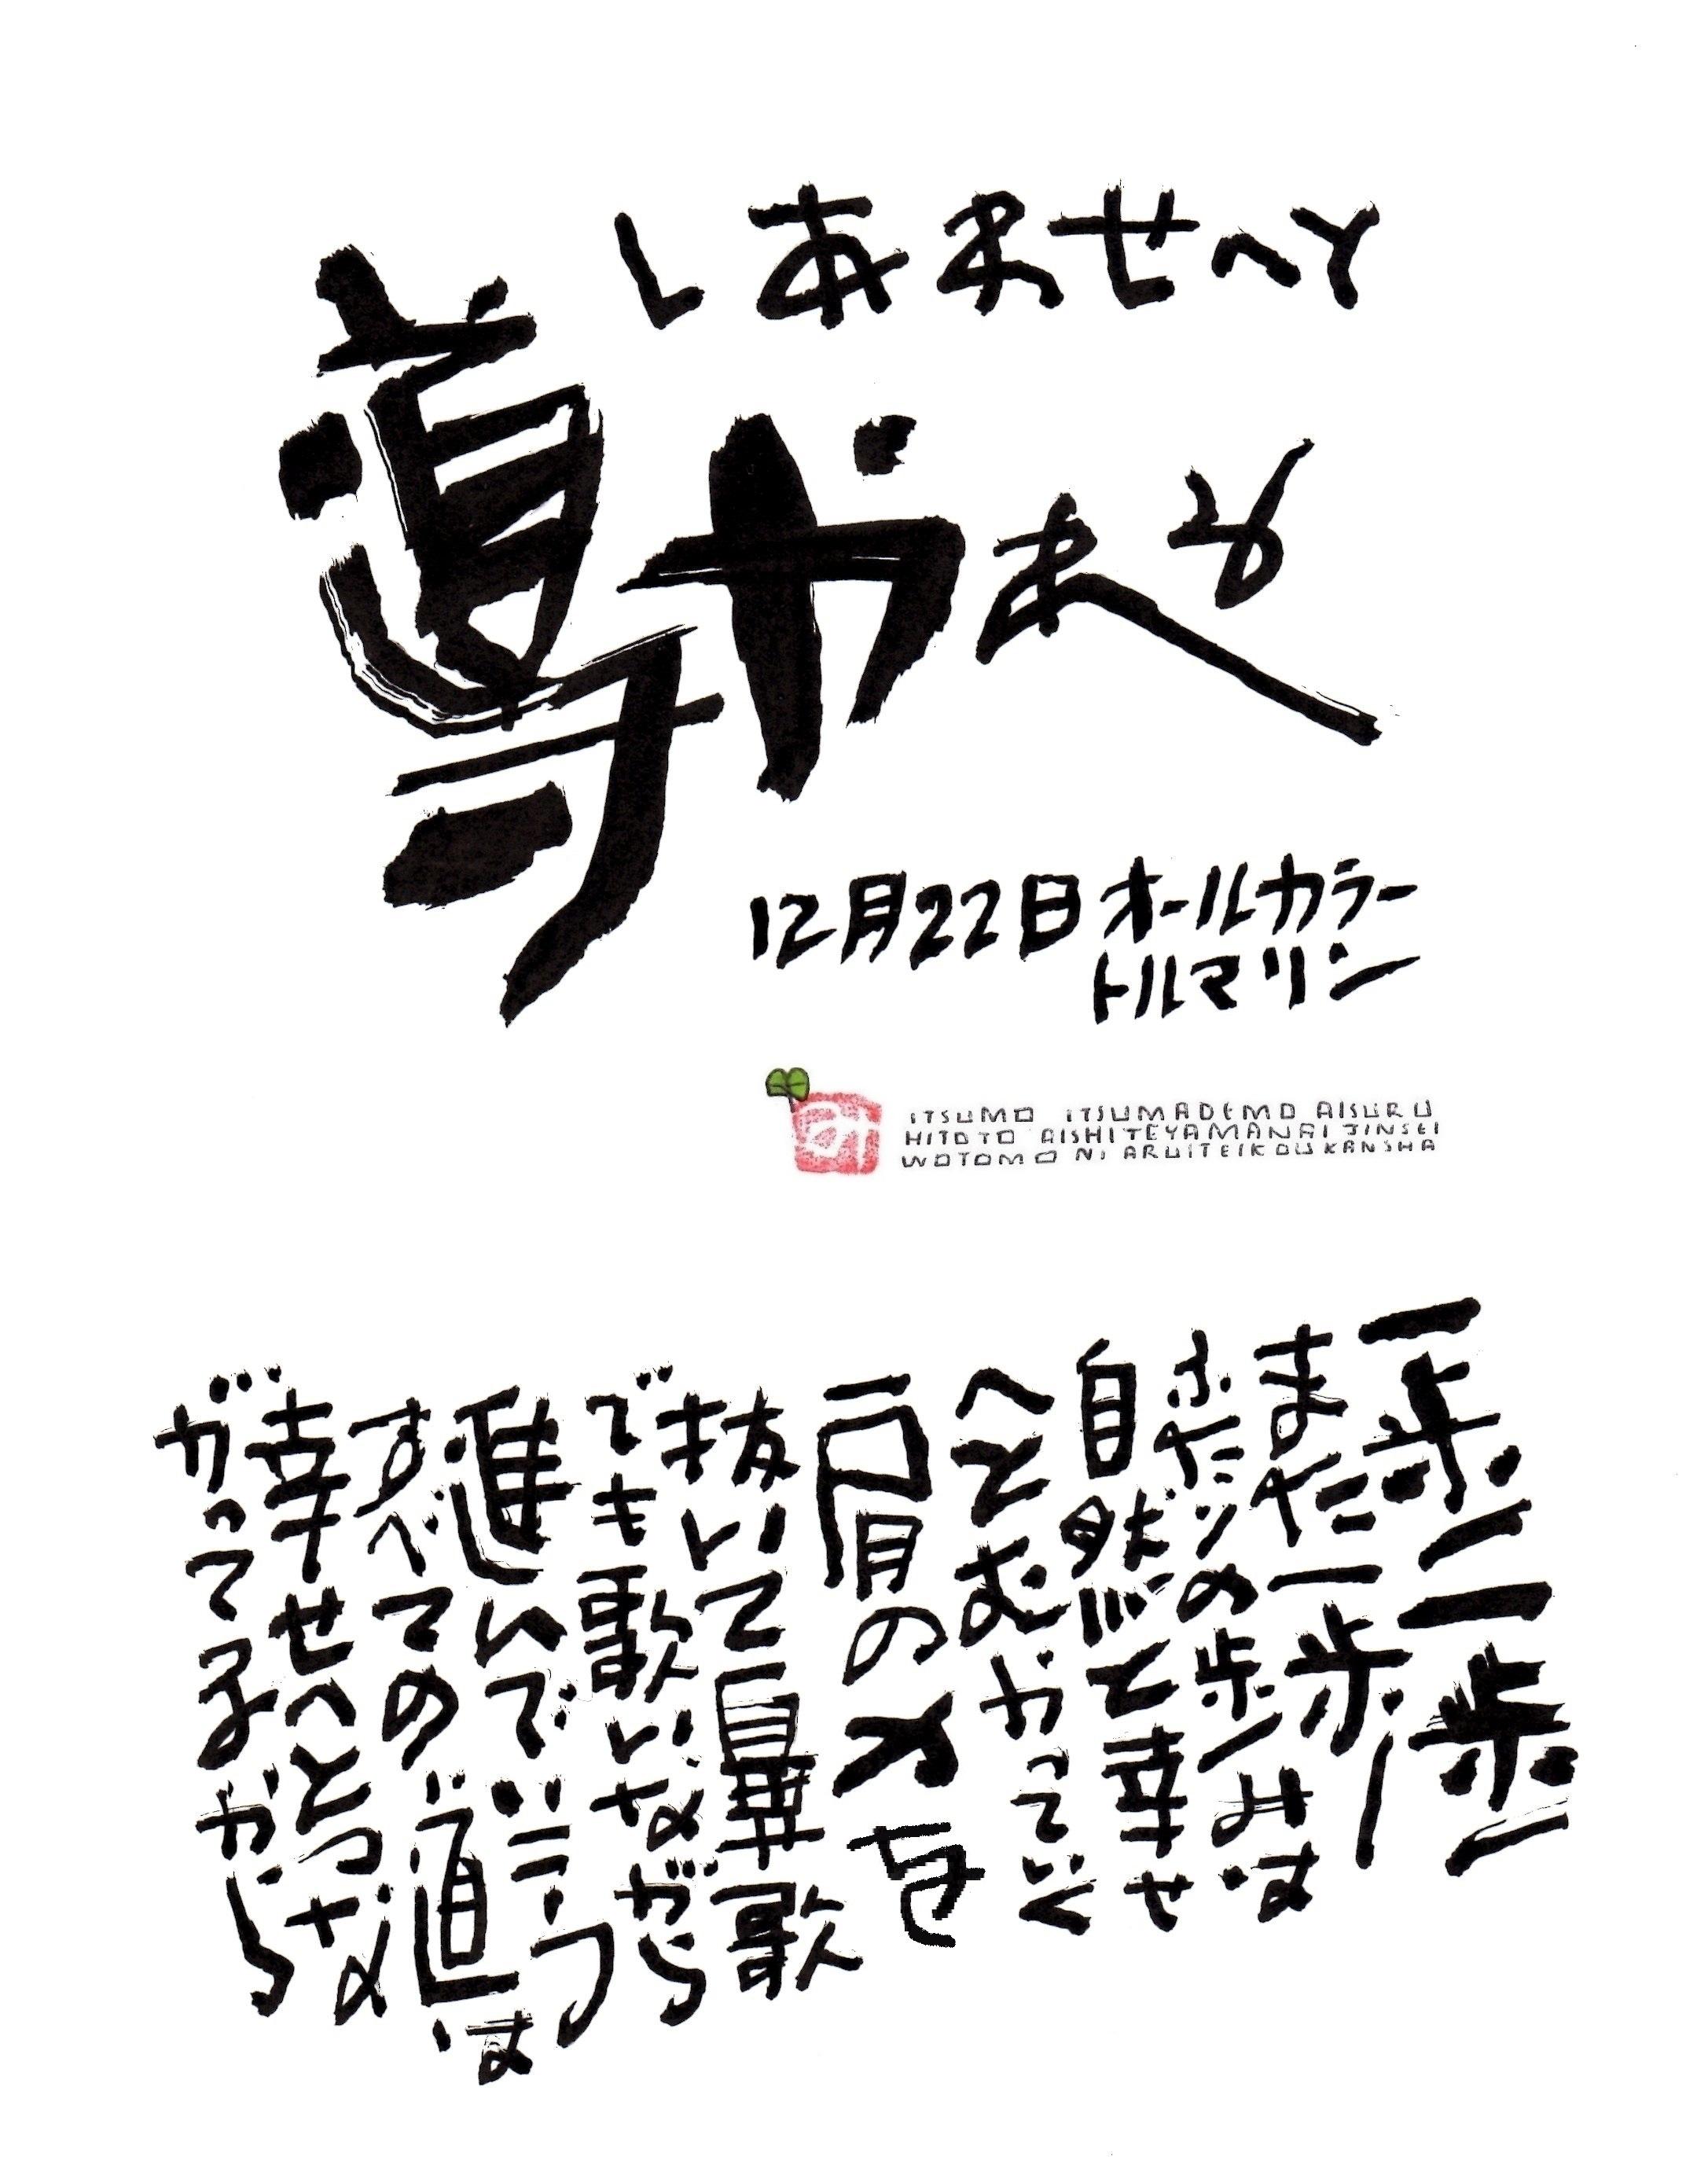 12月22日 結婚記念日ポストカード【しあわせへと導かれる】